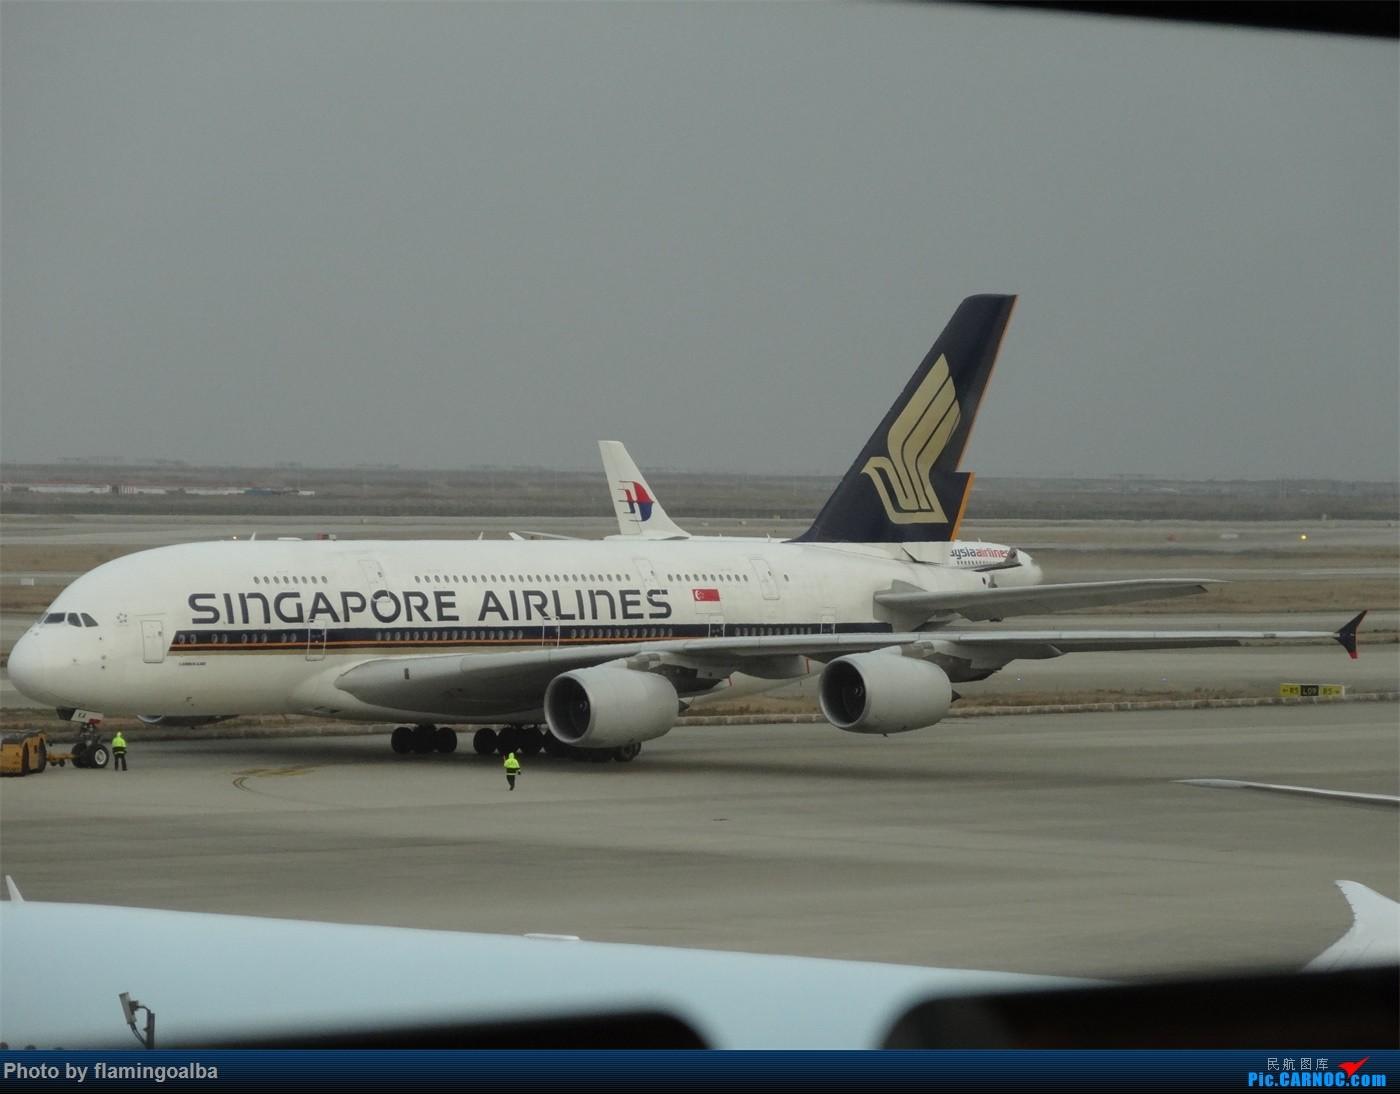 [原创]浦东-达拉斯-纽瓦克-华盛顿里根-拉斯维加斯-洛杉矶-达拉斯-浦东 A380-800 没拍到 中国上海浦东国际机场